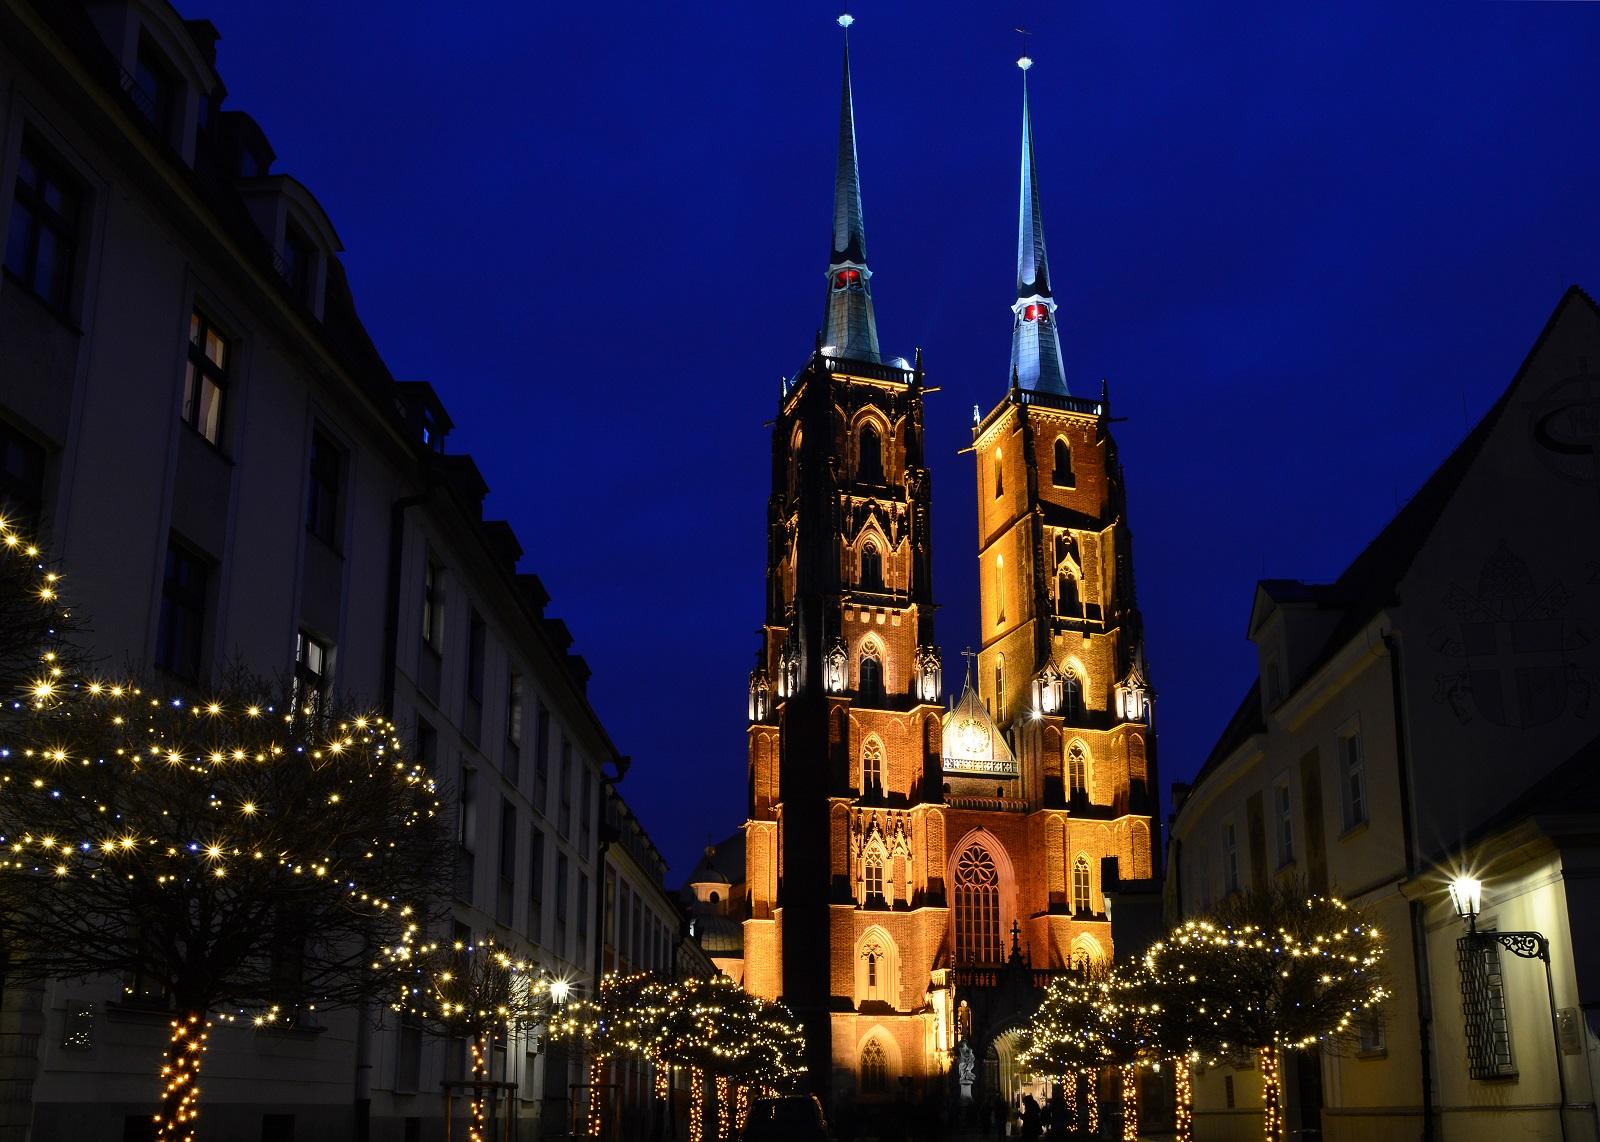 Ostrów Tumski nocą - Wrocław